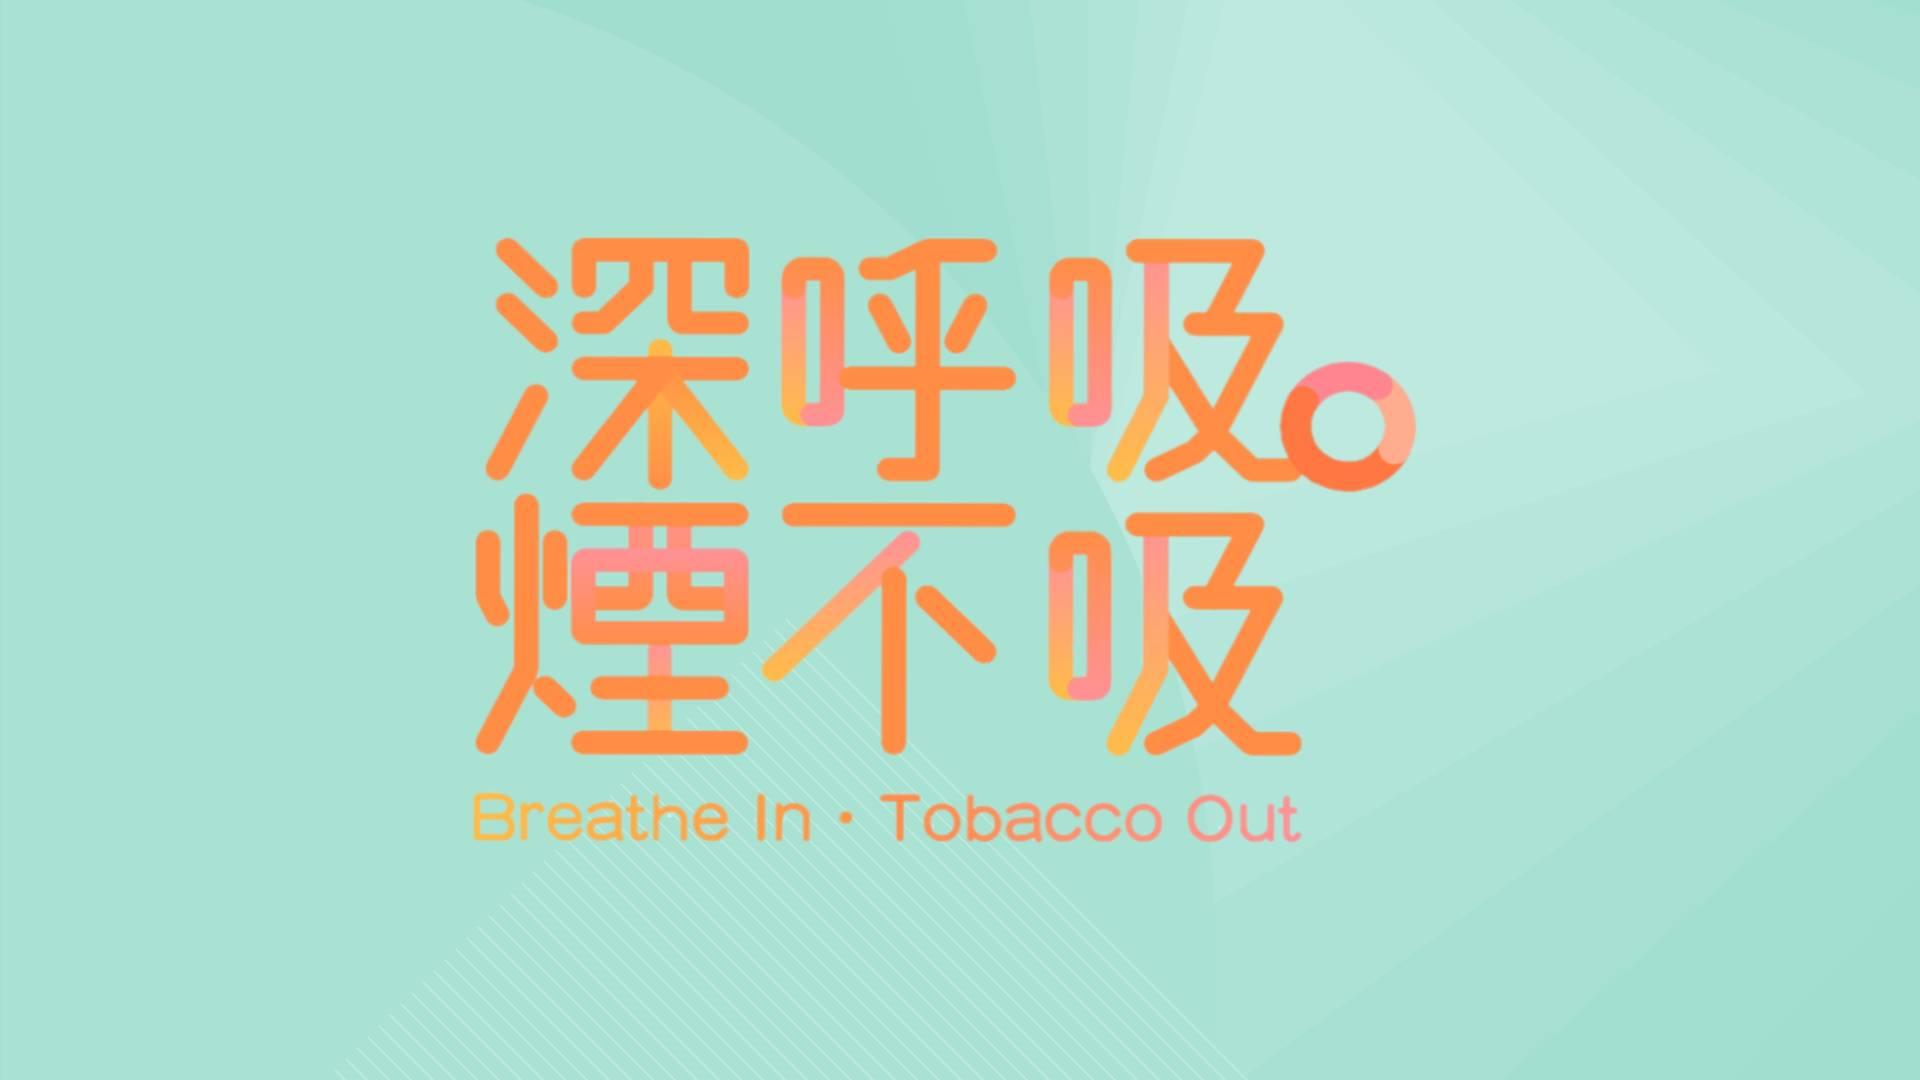 「深呼吸.煙不吸」 - 最積極參與獎